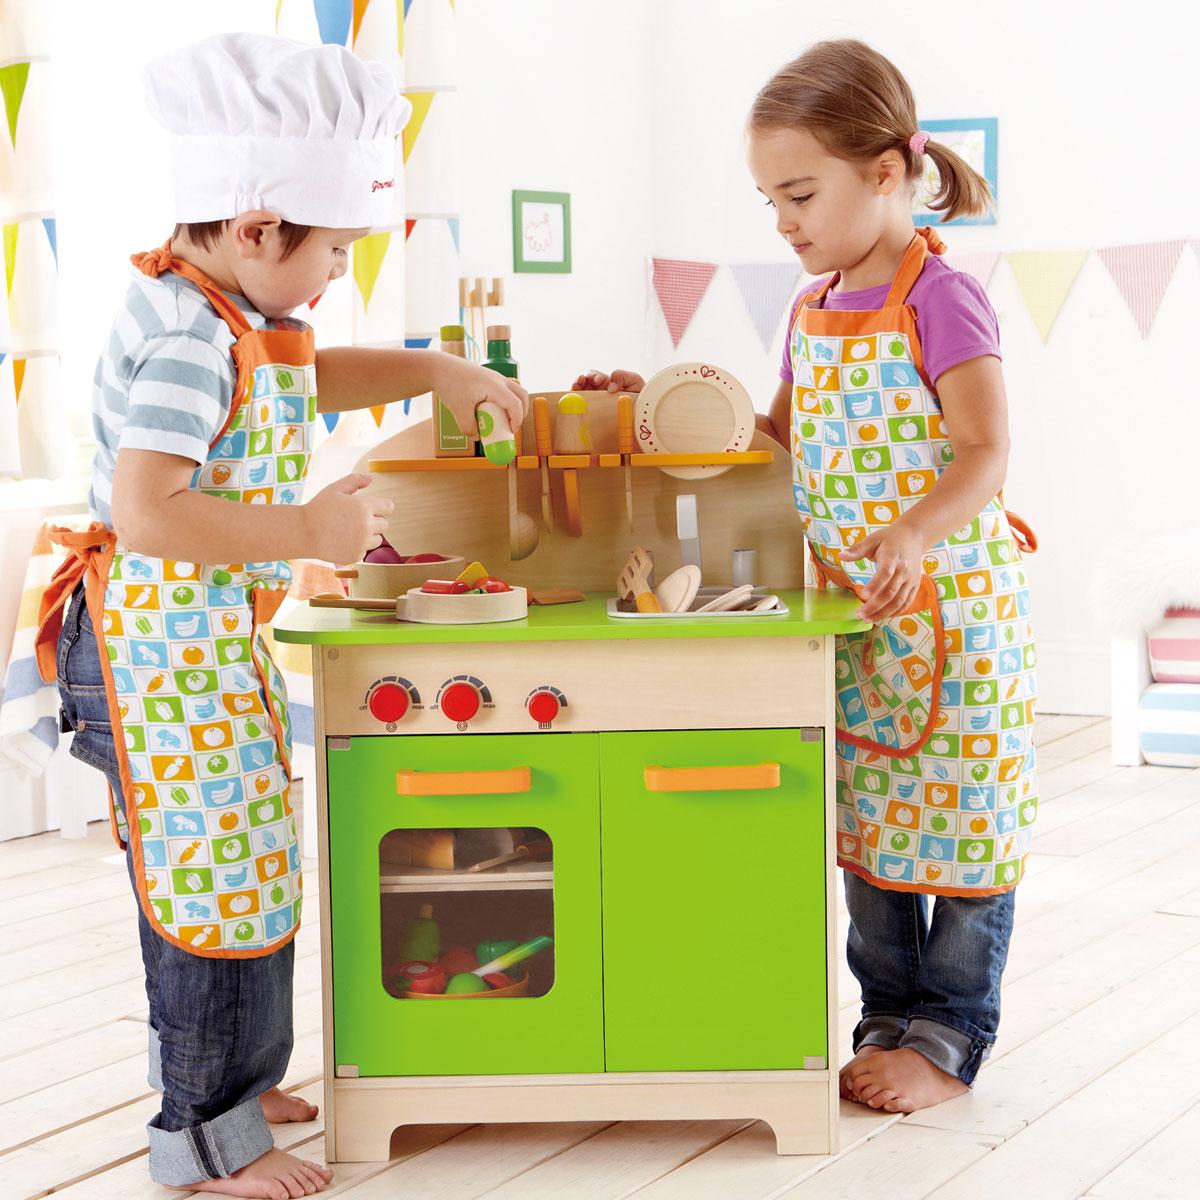 Kinderkuche aus holz von hape pirum holzspielzeugede for Hape kinderküche